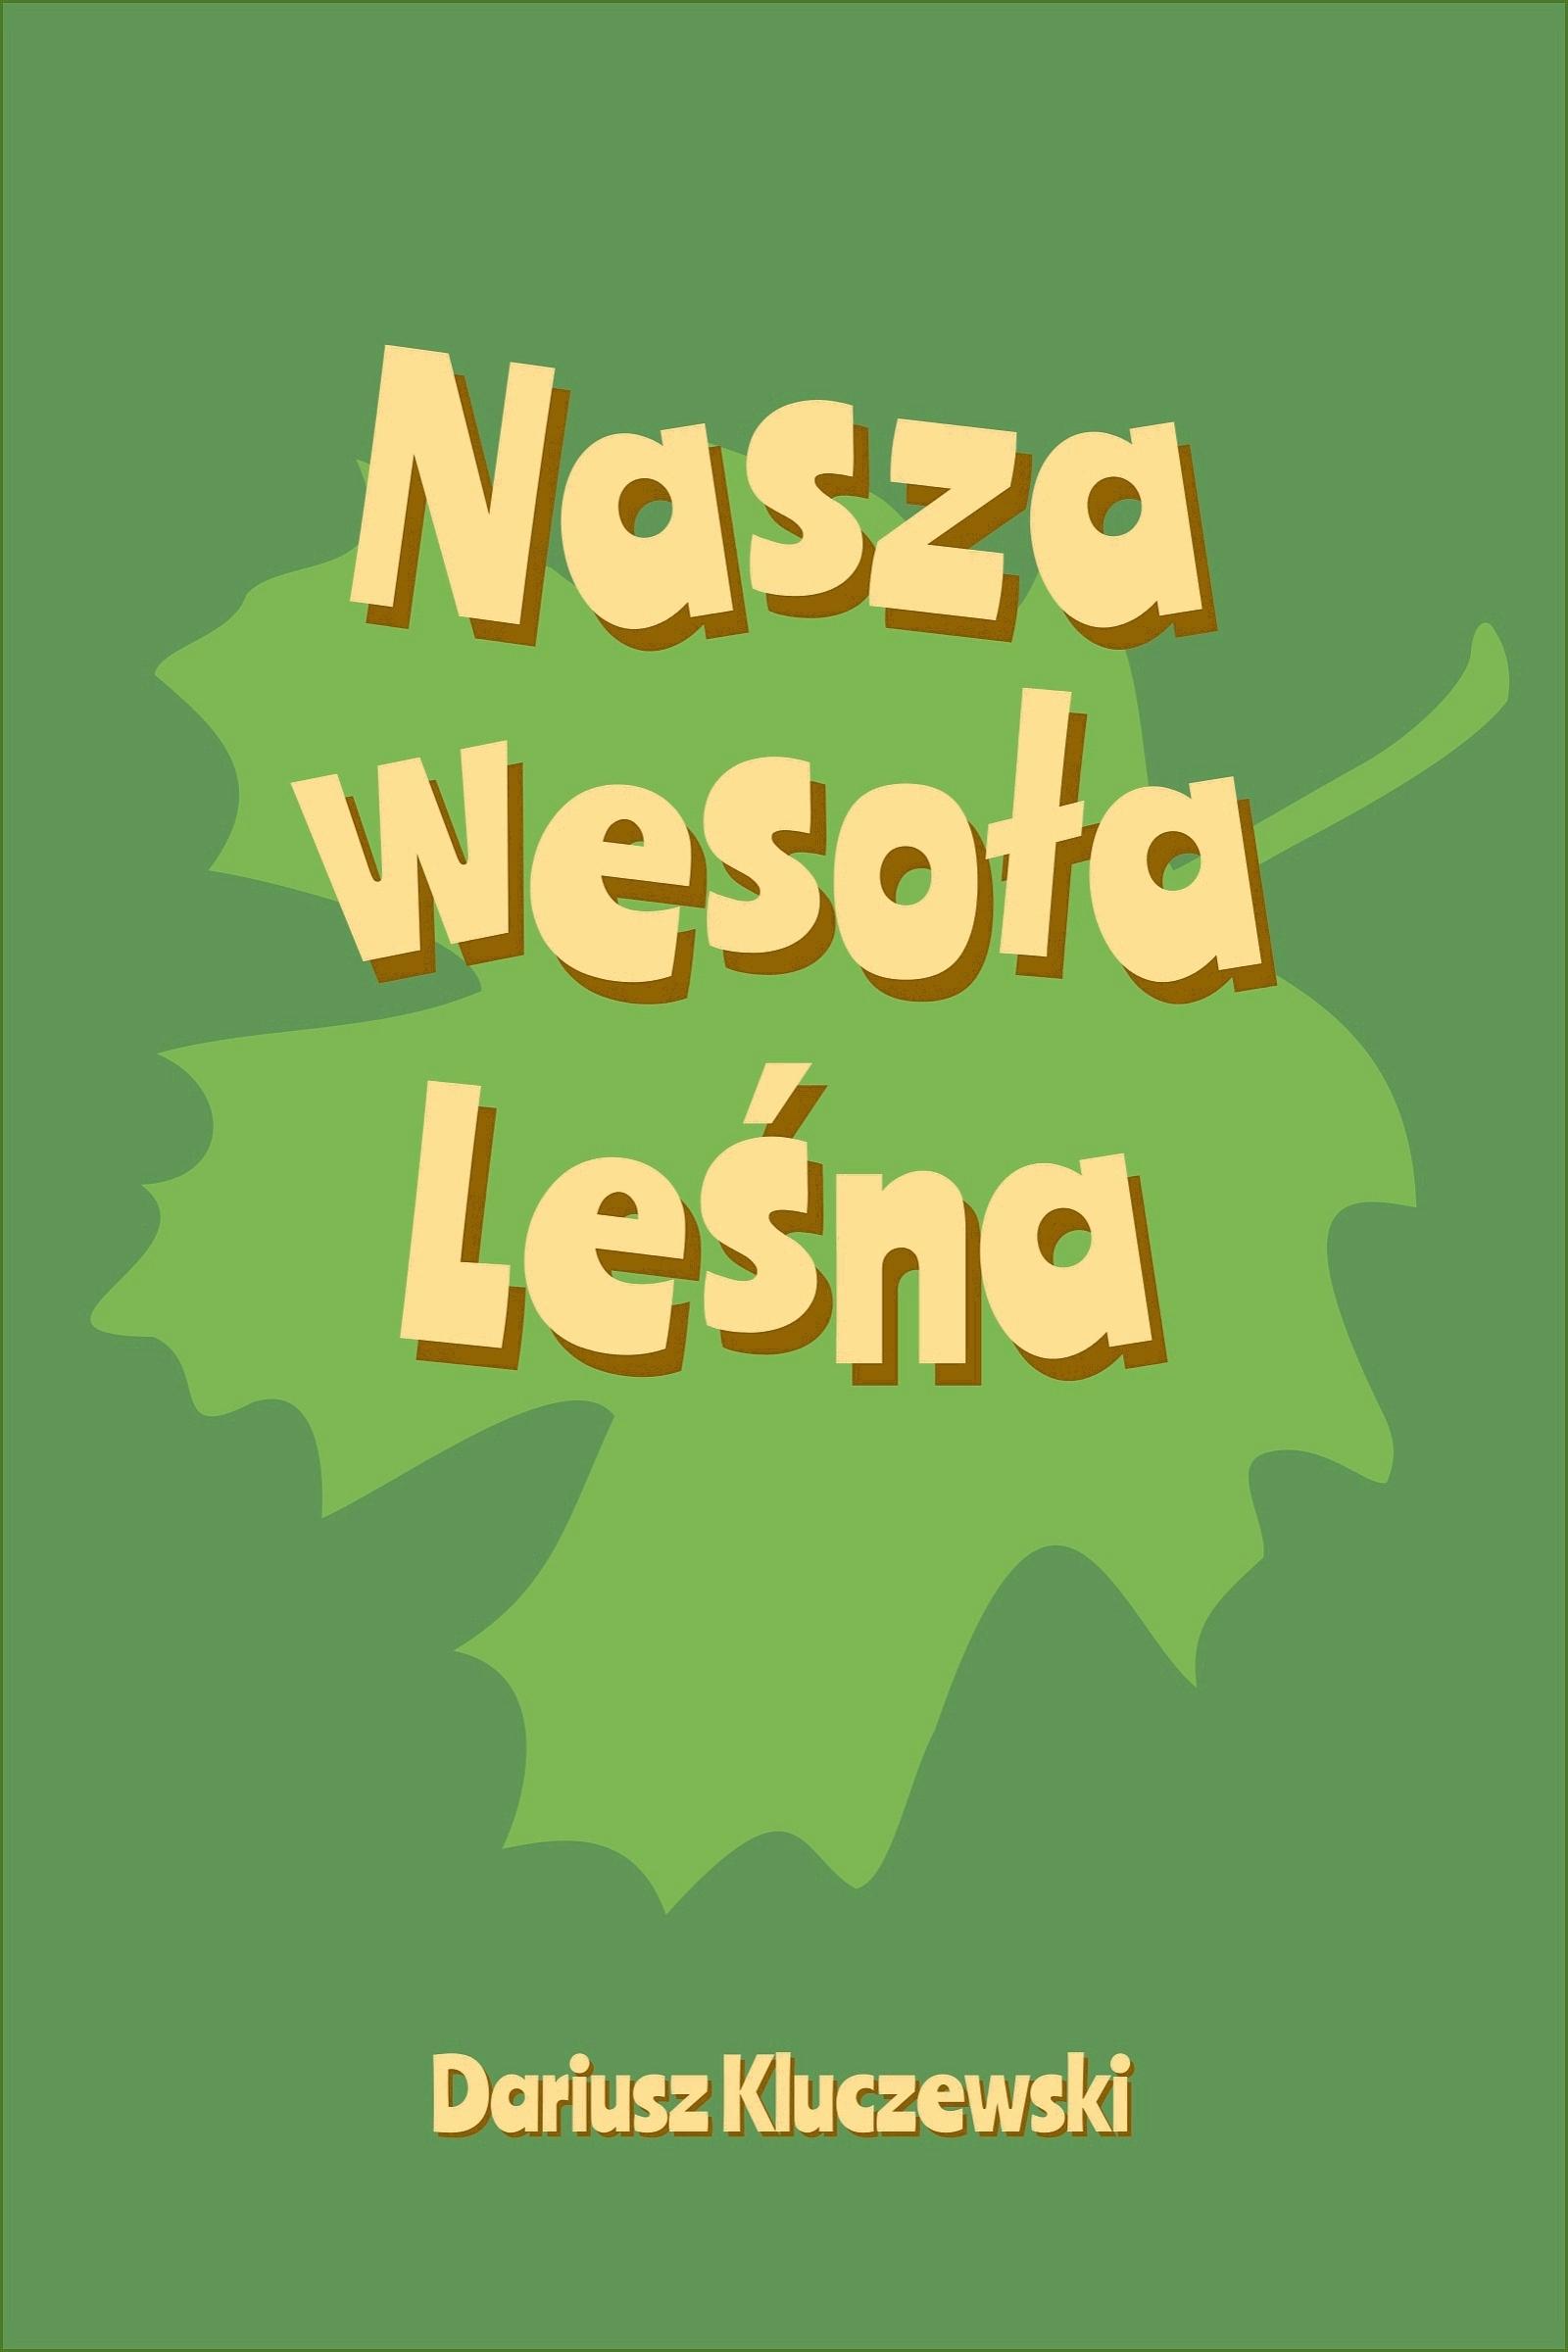 Nasza wesoła Leśna  by  Dariusz Kluczewski